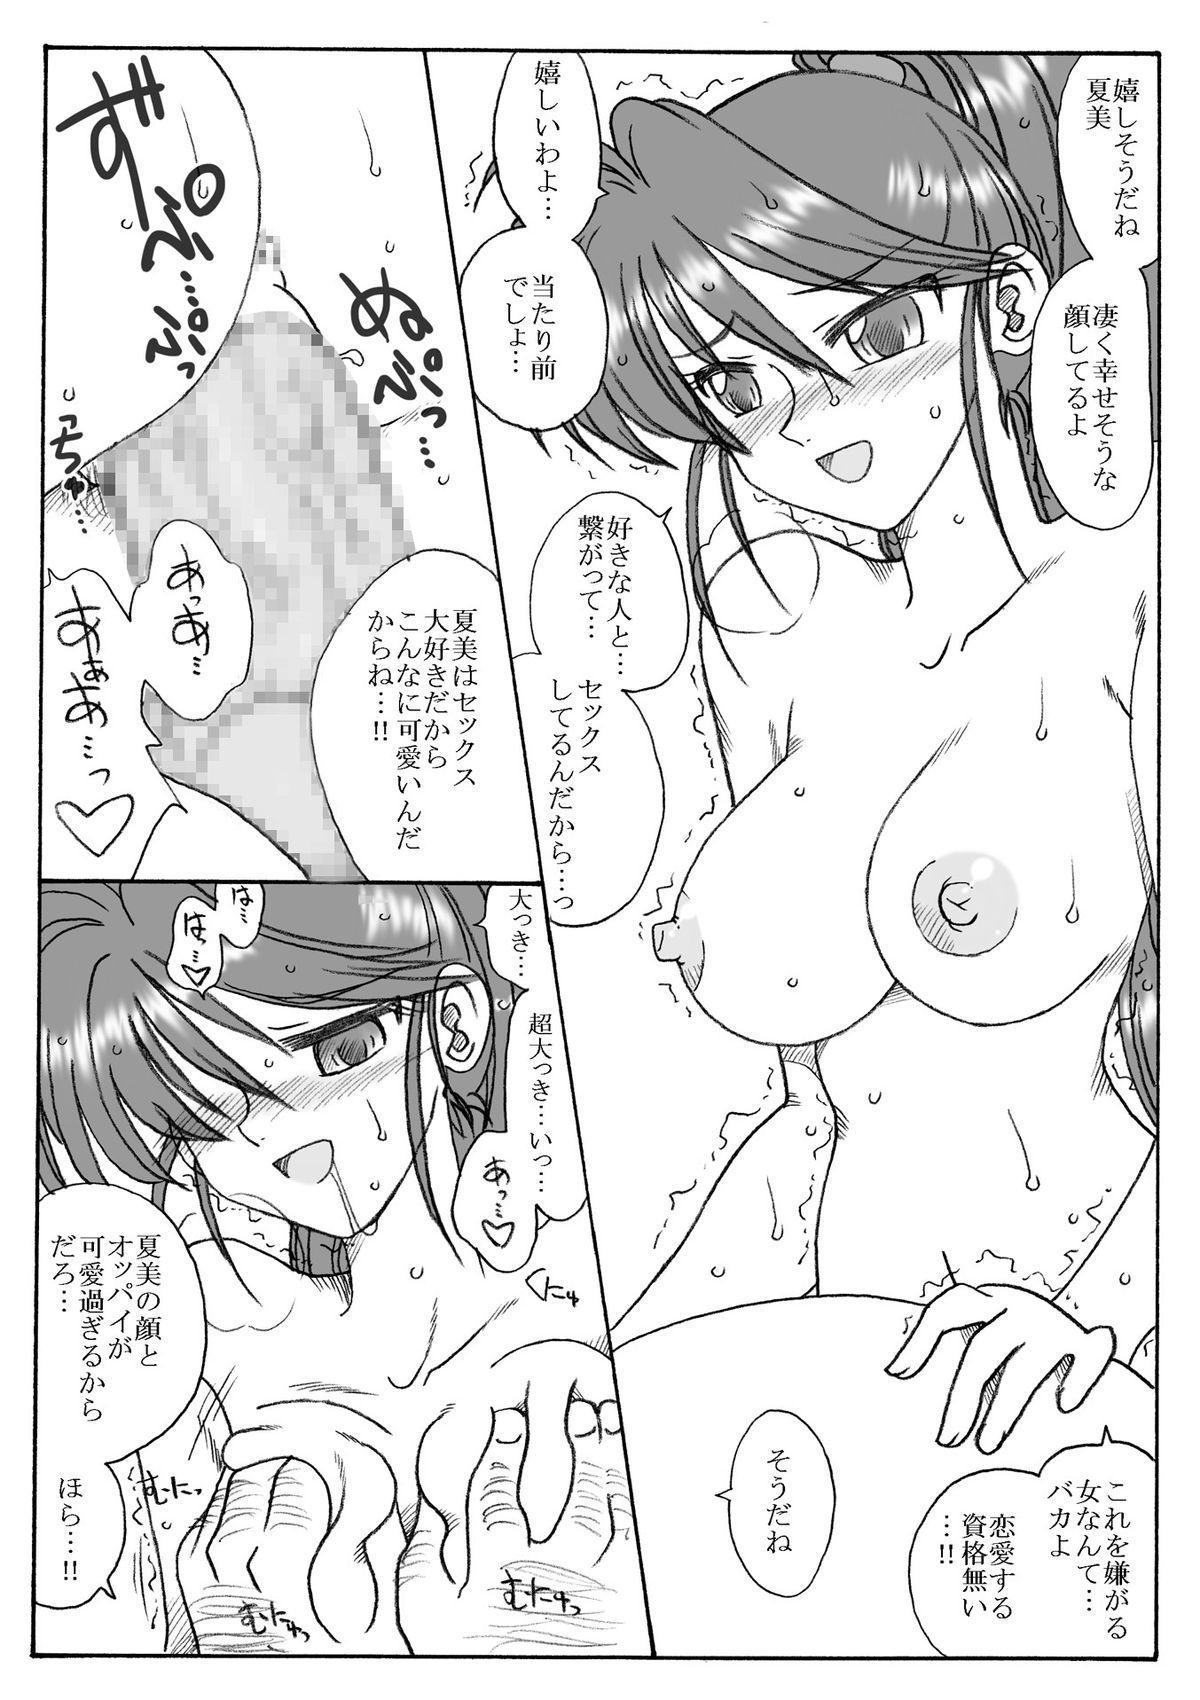 Natsumi-san Genwaku Sareru 13